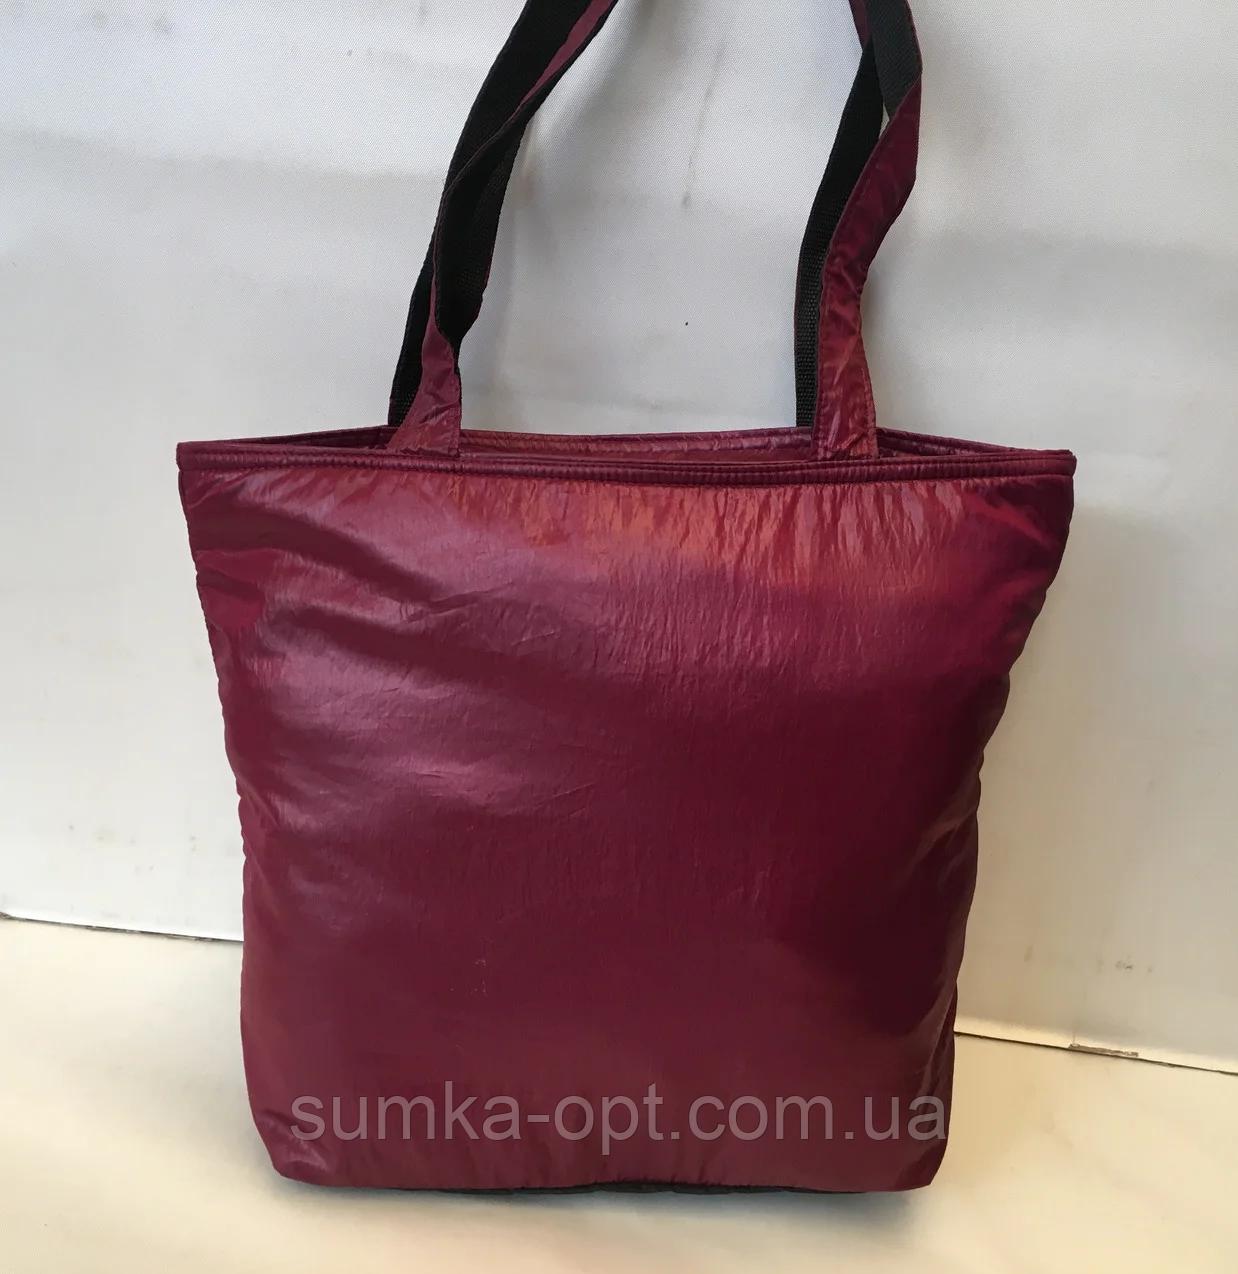 Женские стеганные сумки недорого (БОРДО)34*39см